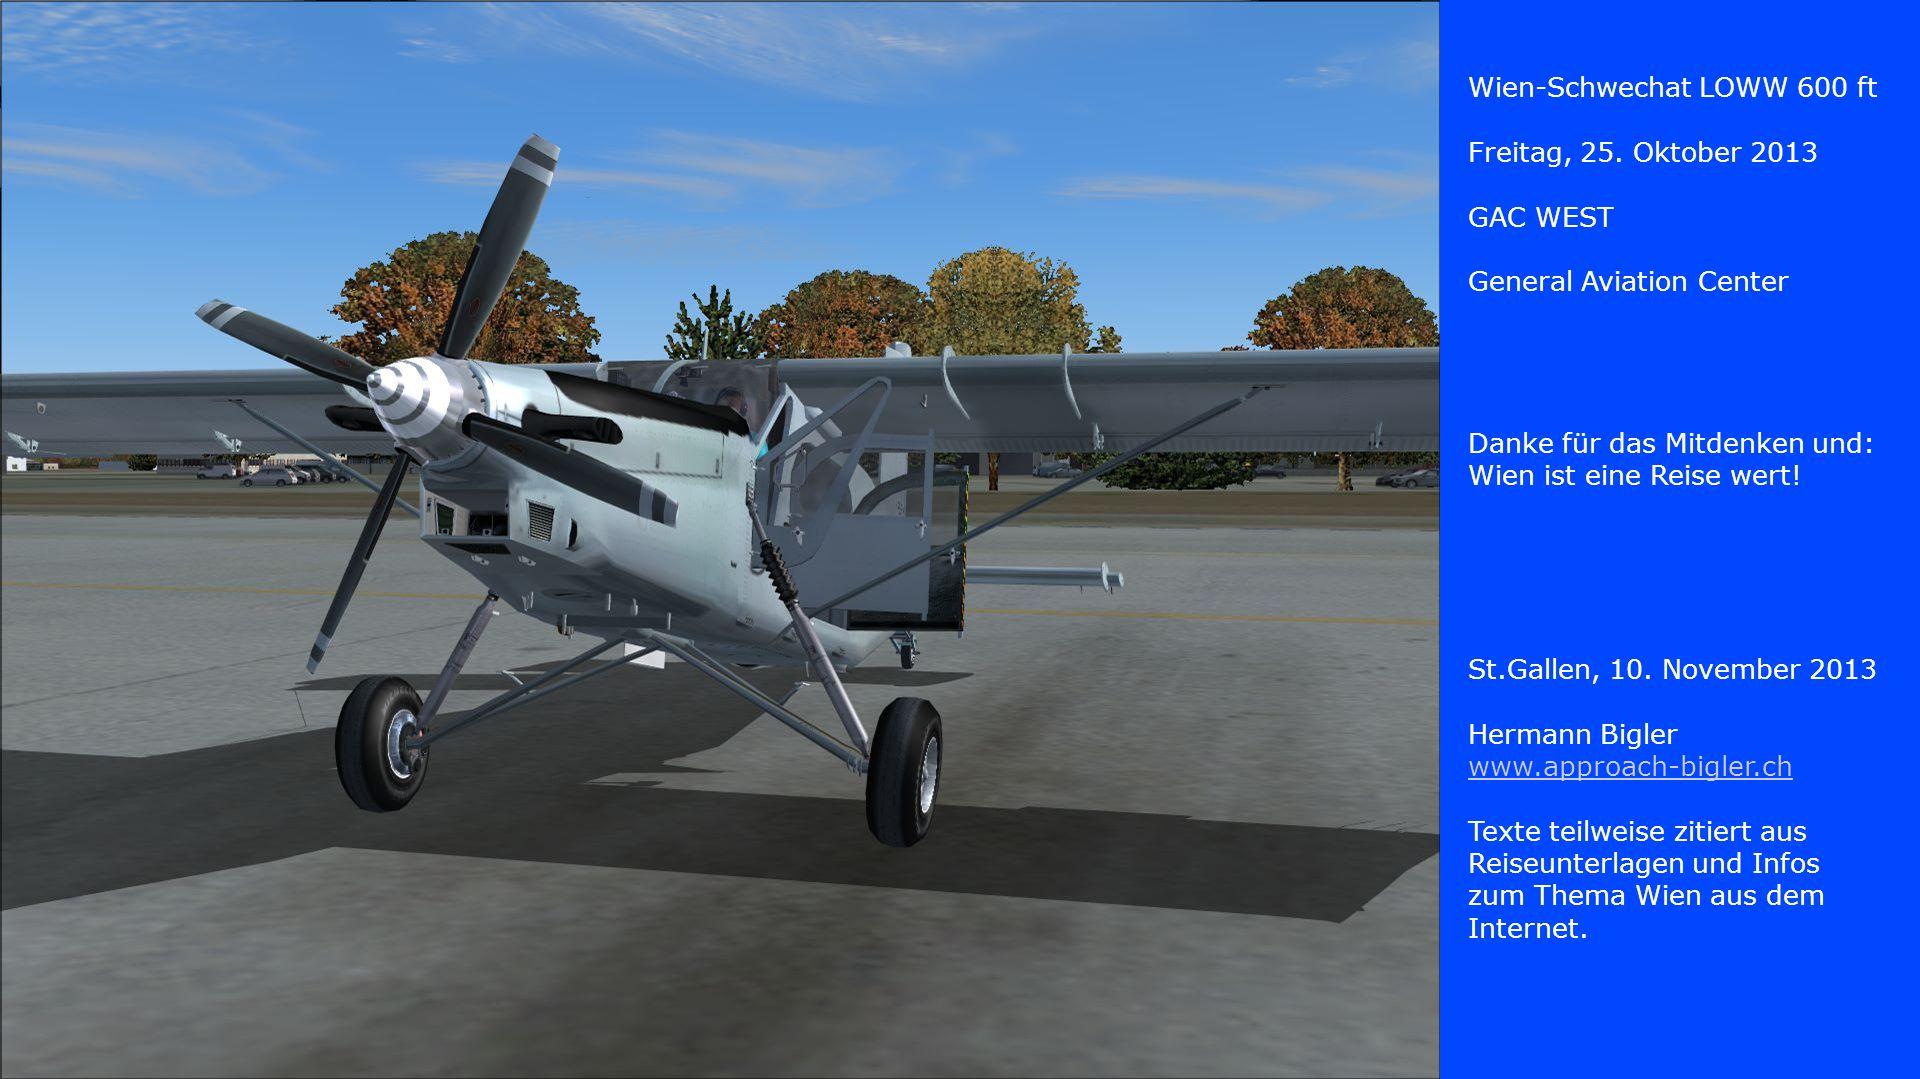 Wien-Schwechat LOWW 600 ft Freitag, 25. Oktober 2013 GAC WEST General Aviation Center Danke für das Mitdenken und: Wien ist eine Reise wert! St.Gallen